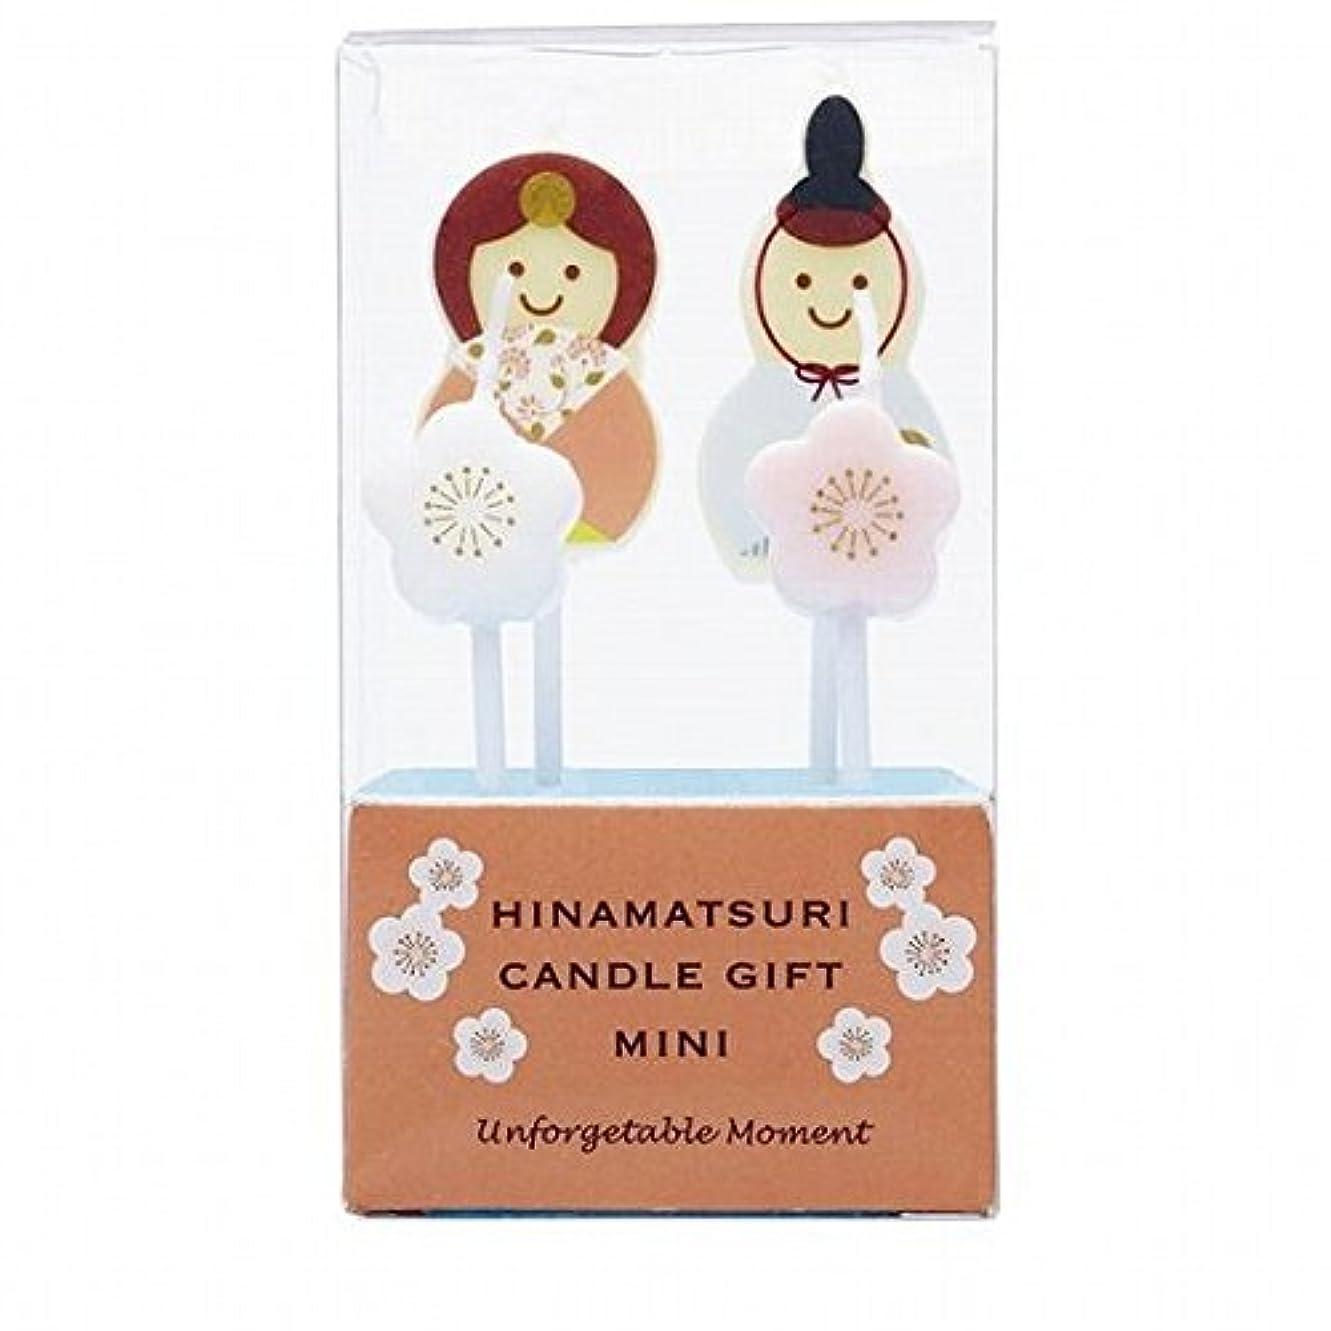 用心深い魅力繁栄するkameyama candle(カメヤマキャンドル) ひなまつりキャンドルギフトミニ(55350080)